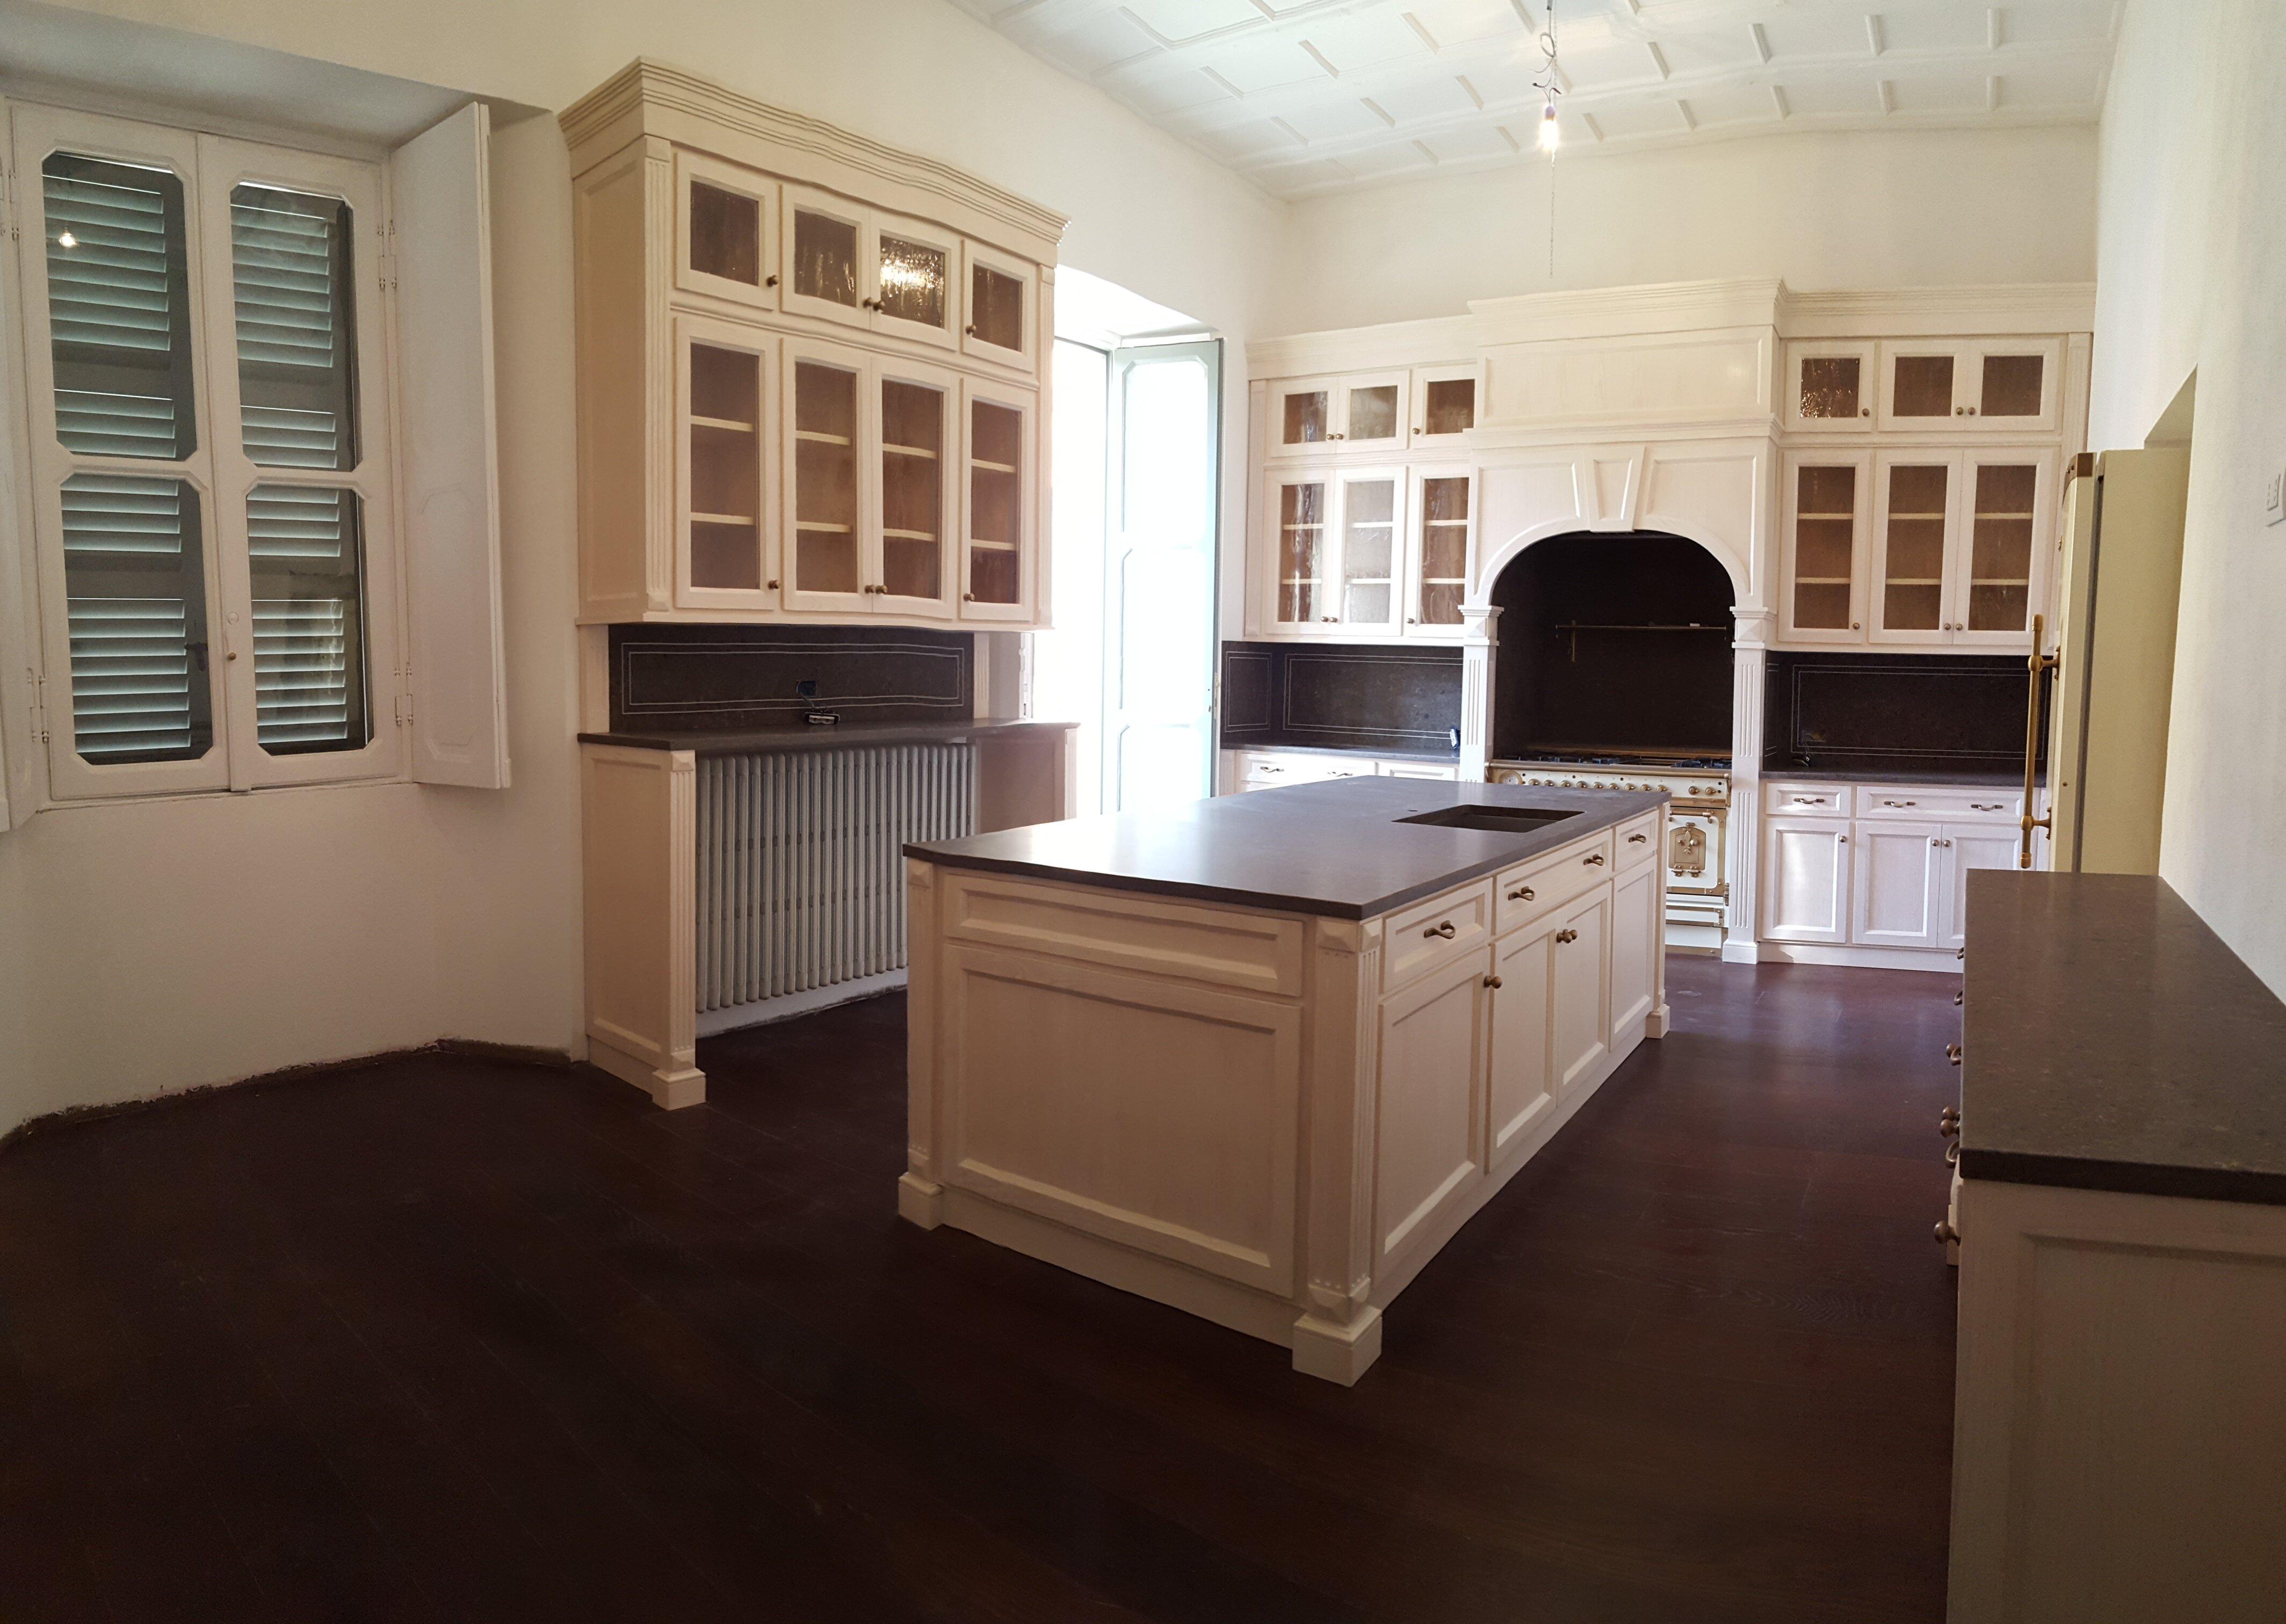 cucina con pavimento scuro e mobili chiari